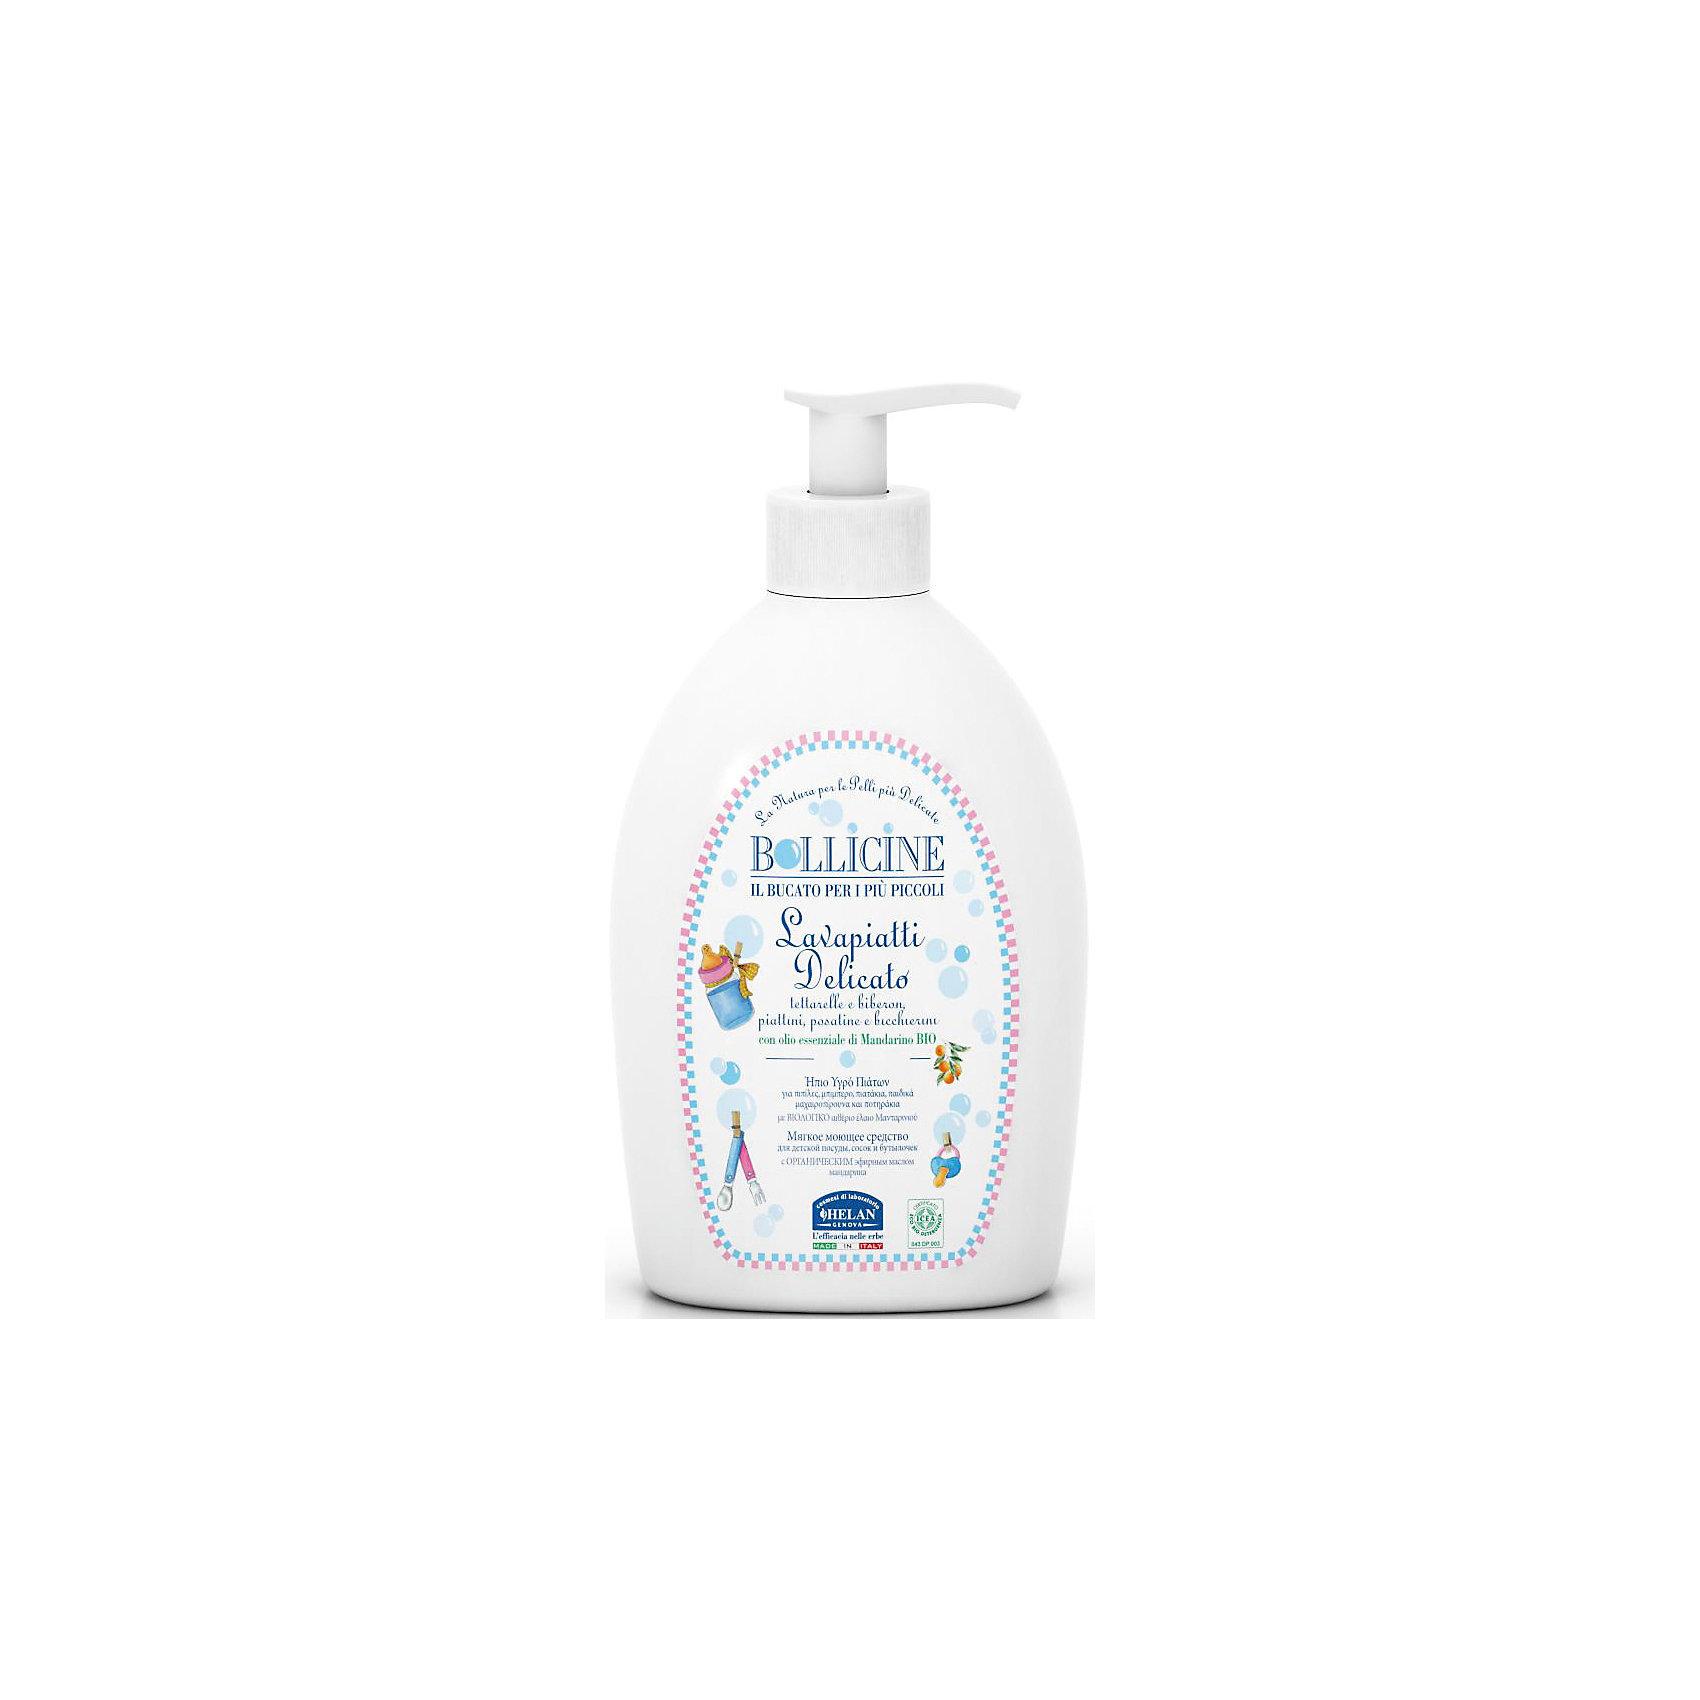 Средство натуральное для мытья детской посуды Bollicine, 500 мл., HELANБытовая химия<br>Средство натуральное для мытья детской посуды Bollicine, 500 мл., HELAN (Хелан)<br><br>Характеристики:<br><br>• подходит для детской посуды, сосок, пустышек и бутылочек<br>• компоненты растительного происхождения<br>• активные компоненты: экстракт масла мандарина<br>• соответствует стандартам международной ассоциации ICEA ECO BIO CLEANERS<br>• объем: 500 мл<br>• размер упаковки: 19х6х10 см<br>• вес: 572 грамма<br><br>Для мытья детской посуды важно выбрать подходящее средство. Продукт из серии Bollicine содержит компоненты растительного происхождения. Они полностью безопасны для малыша и не вызывают  неприятных последствий. Средство можно использовать для посуды, сосок, бутылочек и пустышек крохи. Содержит экстракт масла мандарина.<br><br>Средство натуральное для мытья детской посуды Bollicine, 500 мл., HELAN (Хелан) можно купить в нашем интернет-магазине.<br><br>Ширина мм: 100<br>Глубина мм: 60<br>Высота мм: 190<br>Вес г: 572<br>Возраст от месяцев: -2147483648<br>Возраст до месяцев: 2147483647<br>Пол: Унисекс<br>Возраст: Детский<br>SKU: 5401710